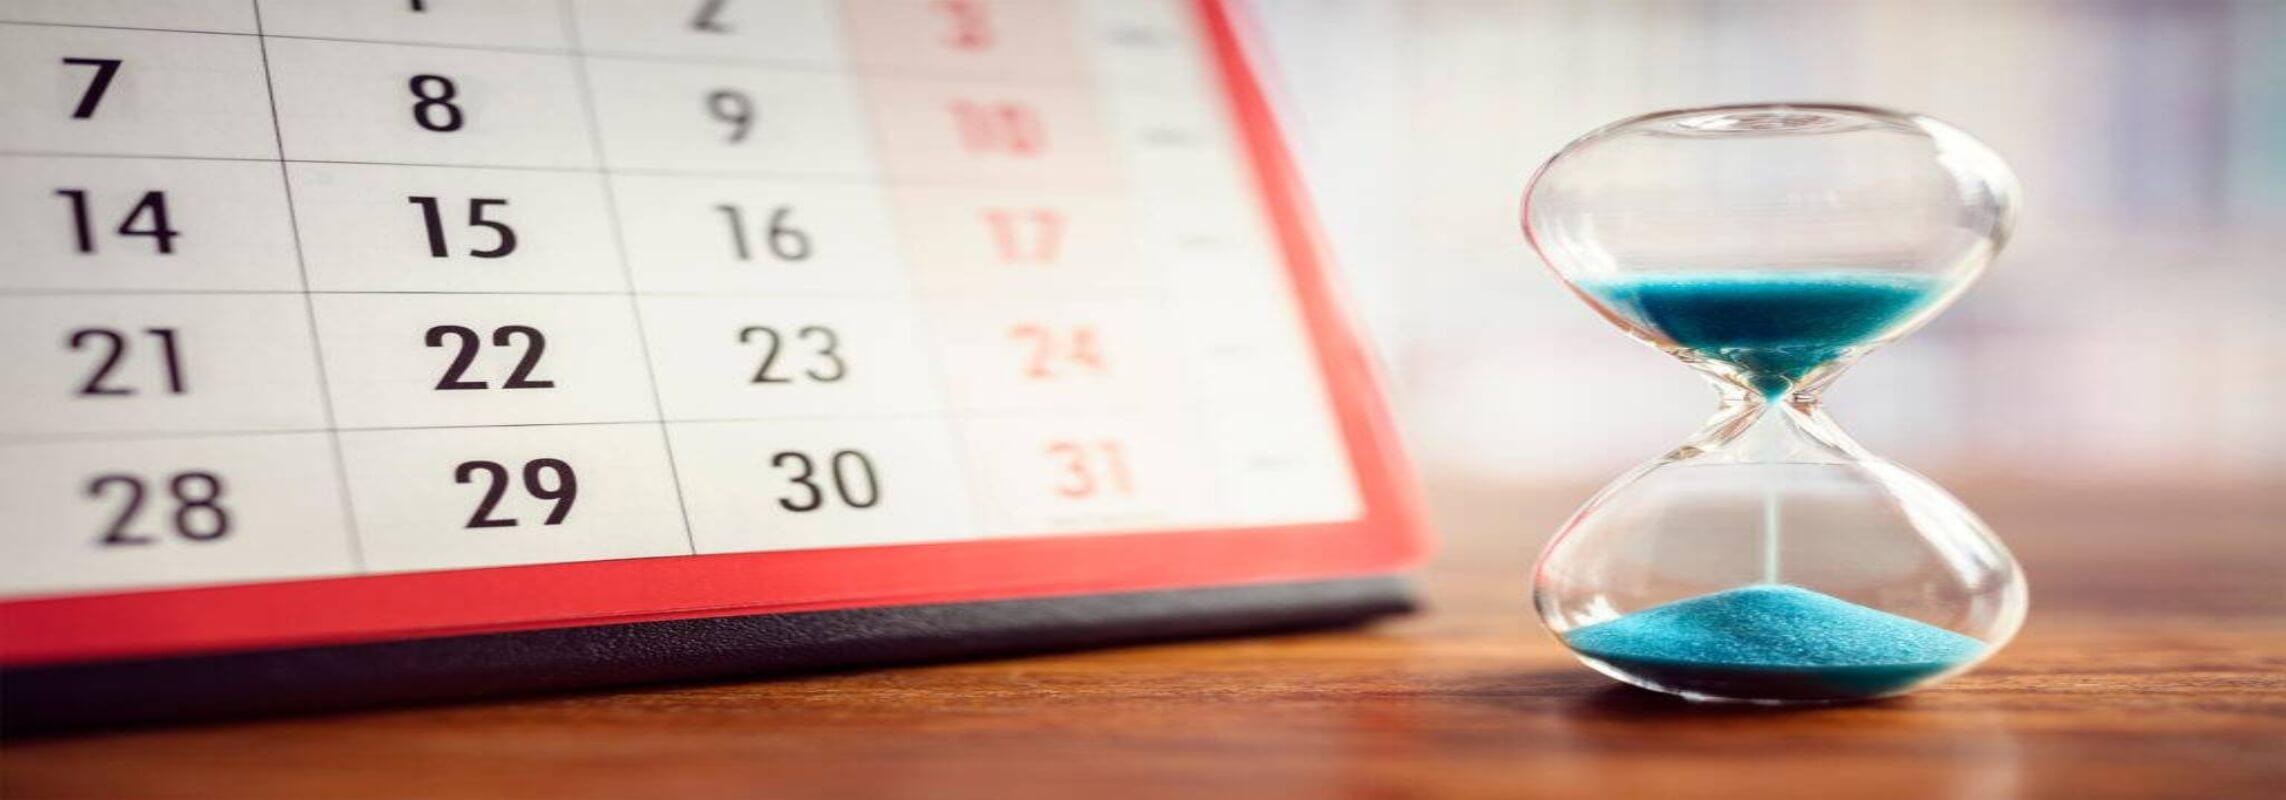 a calendar and an hour glass